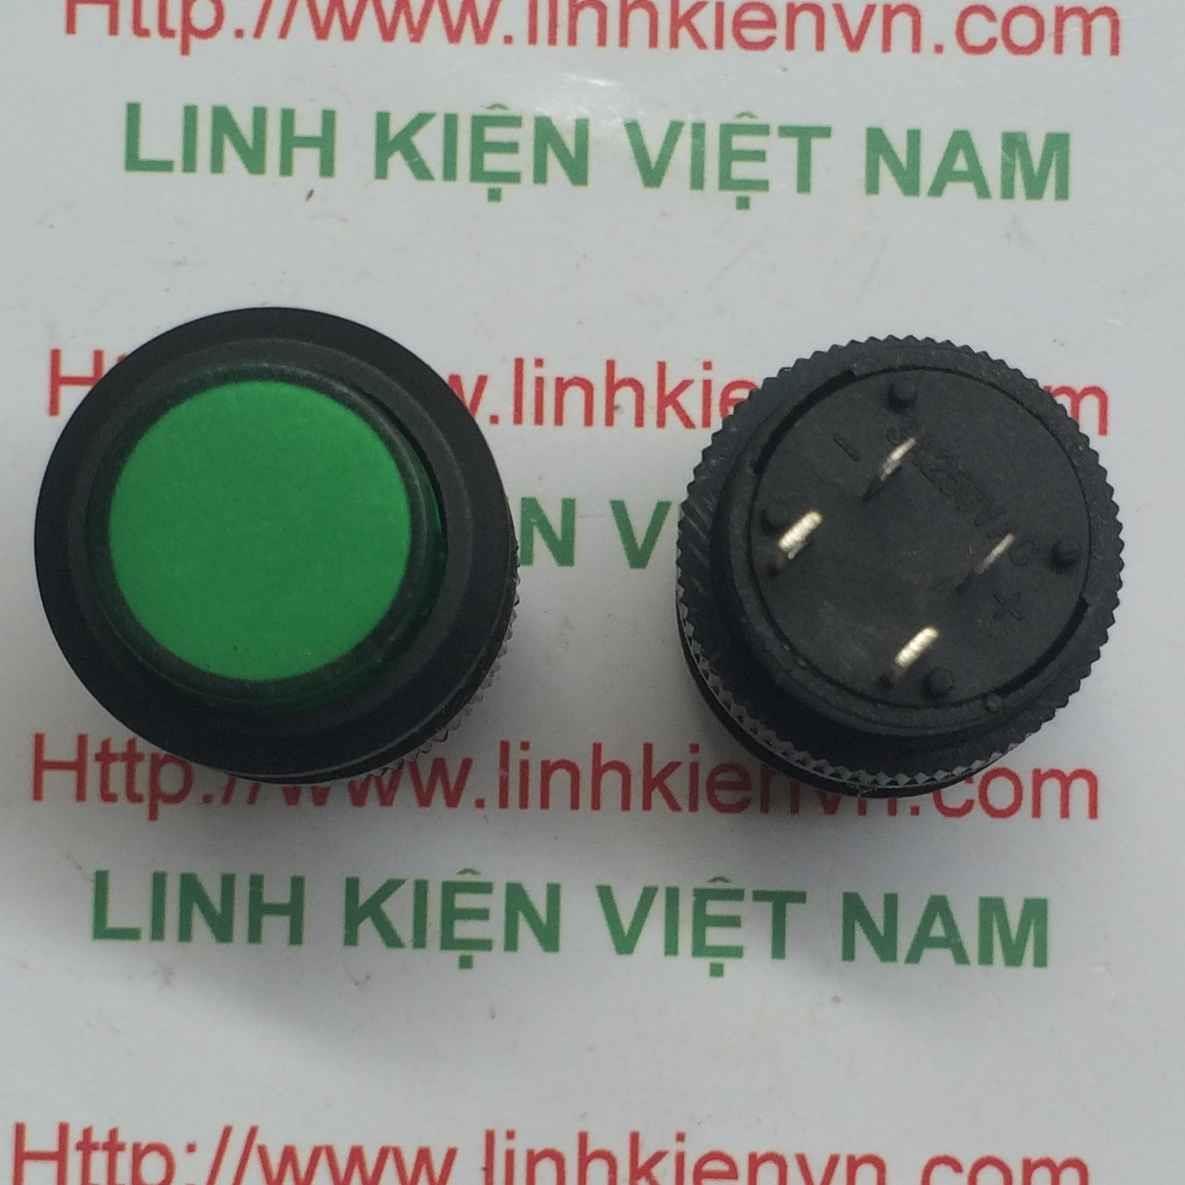 Nút nhấn 3A/250V R16-503AD nhấn giữ màu xanh - D4H20